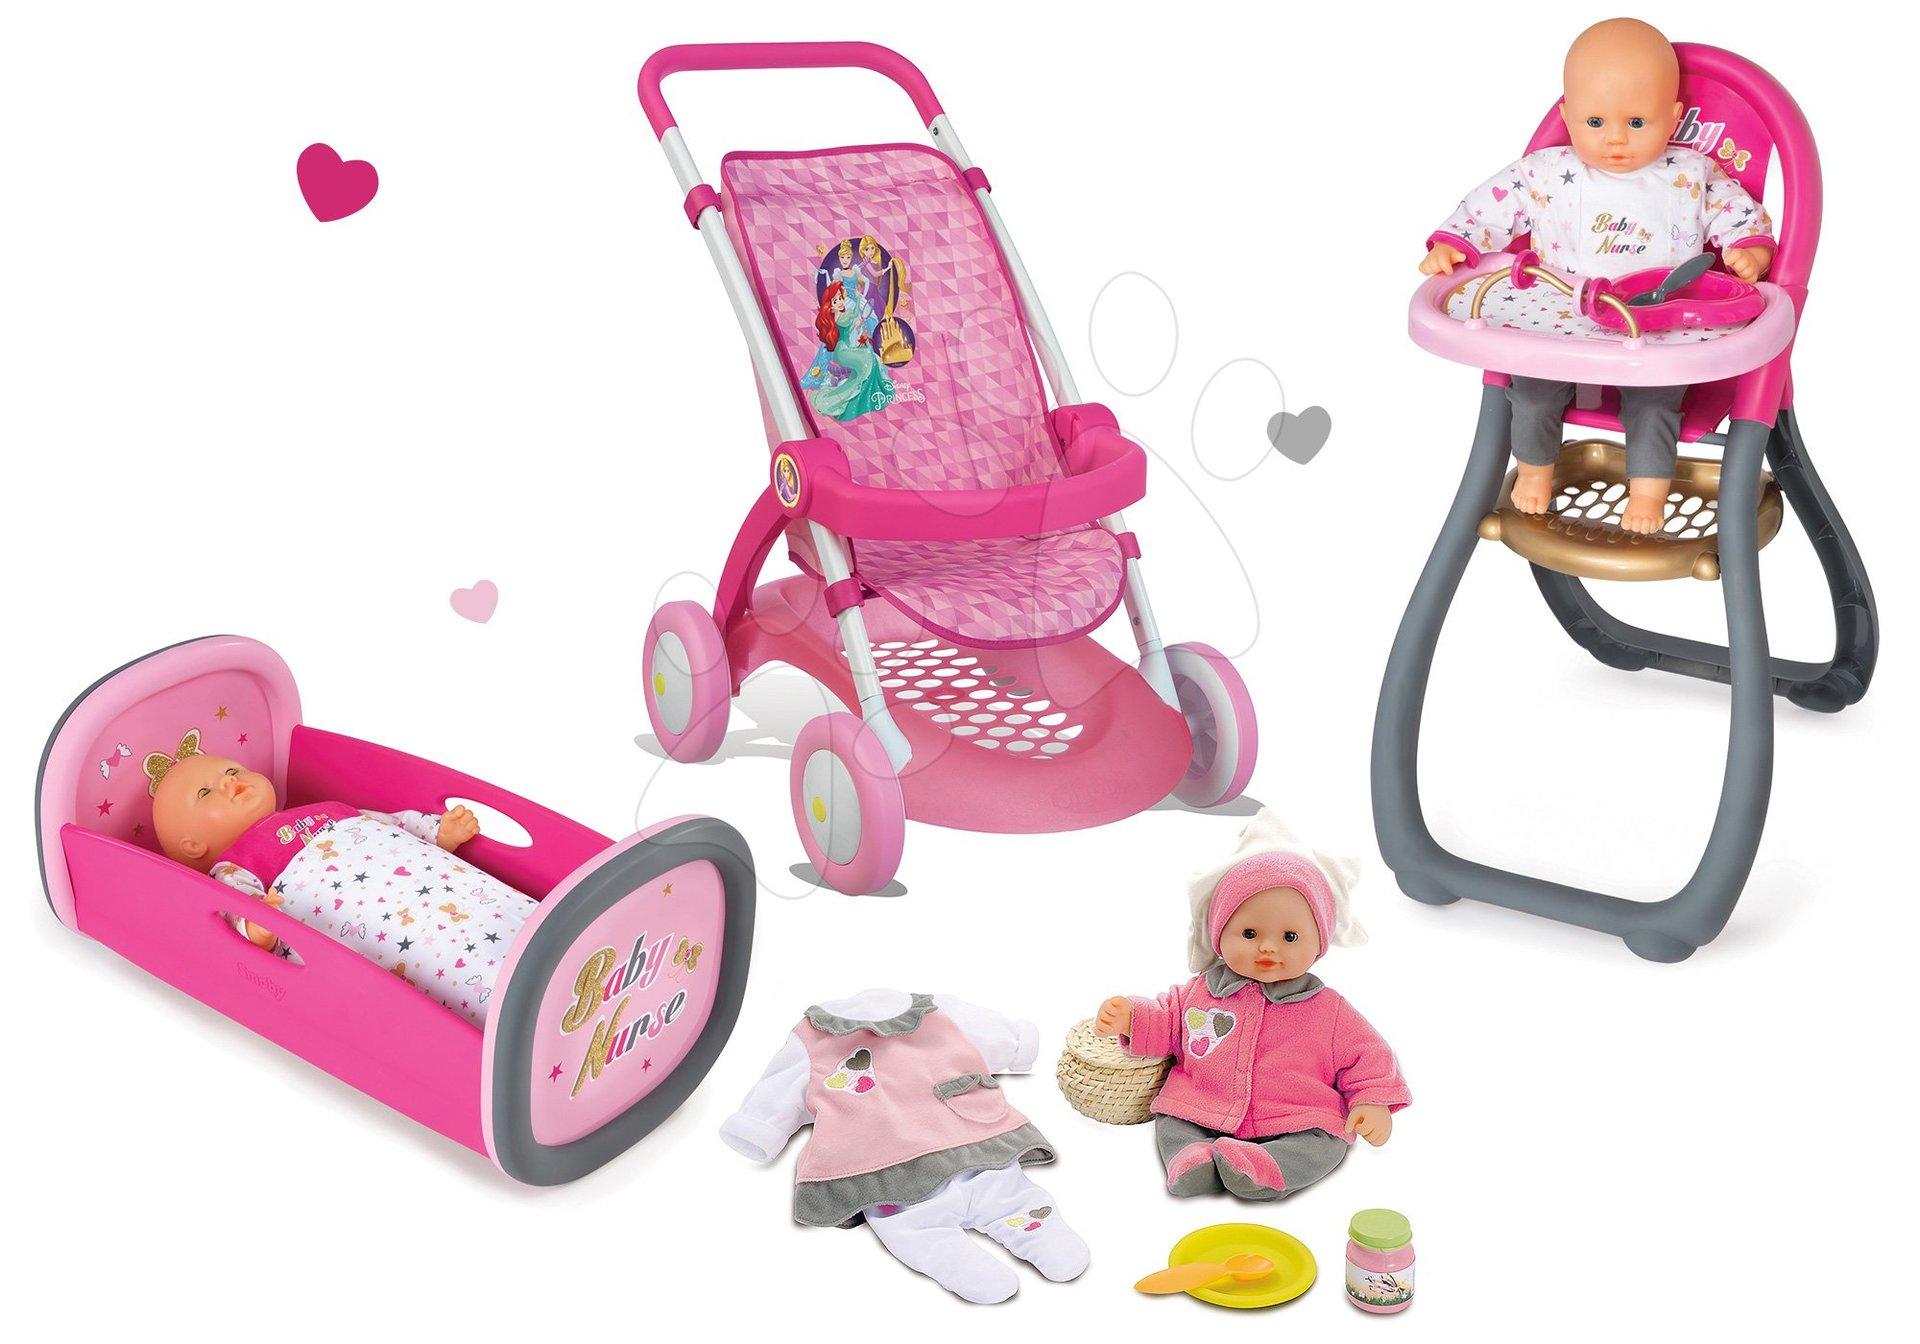 Smoby sportovní kočárek pro panenku, židle, kolébka a panenka s šaty Baby Nurse 254033-1